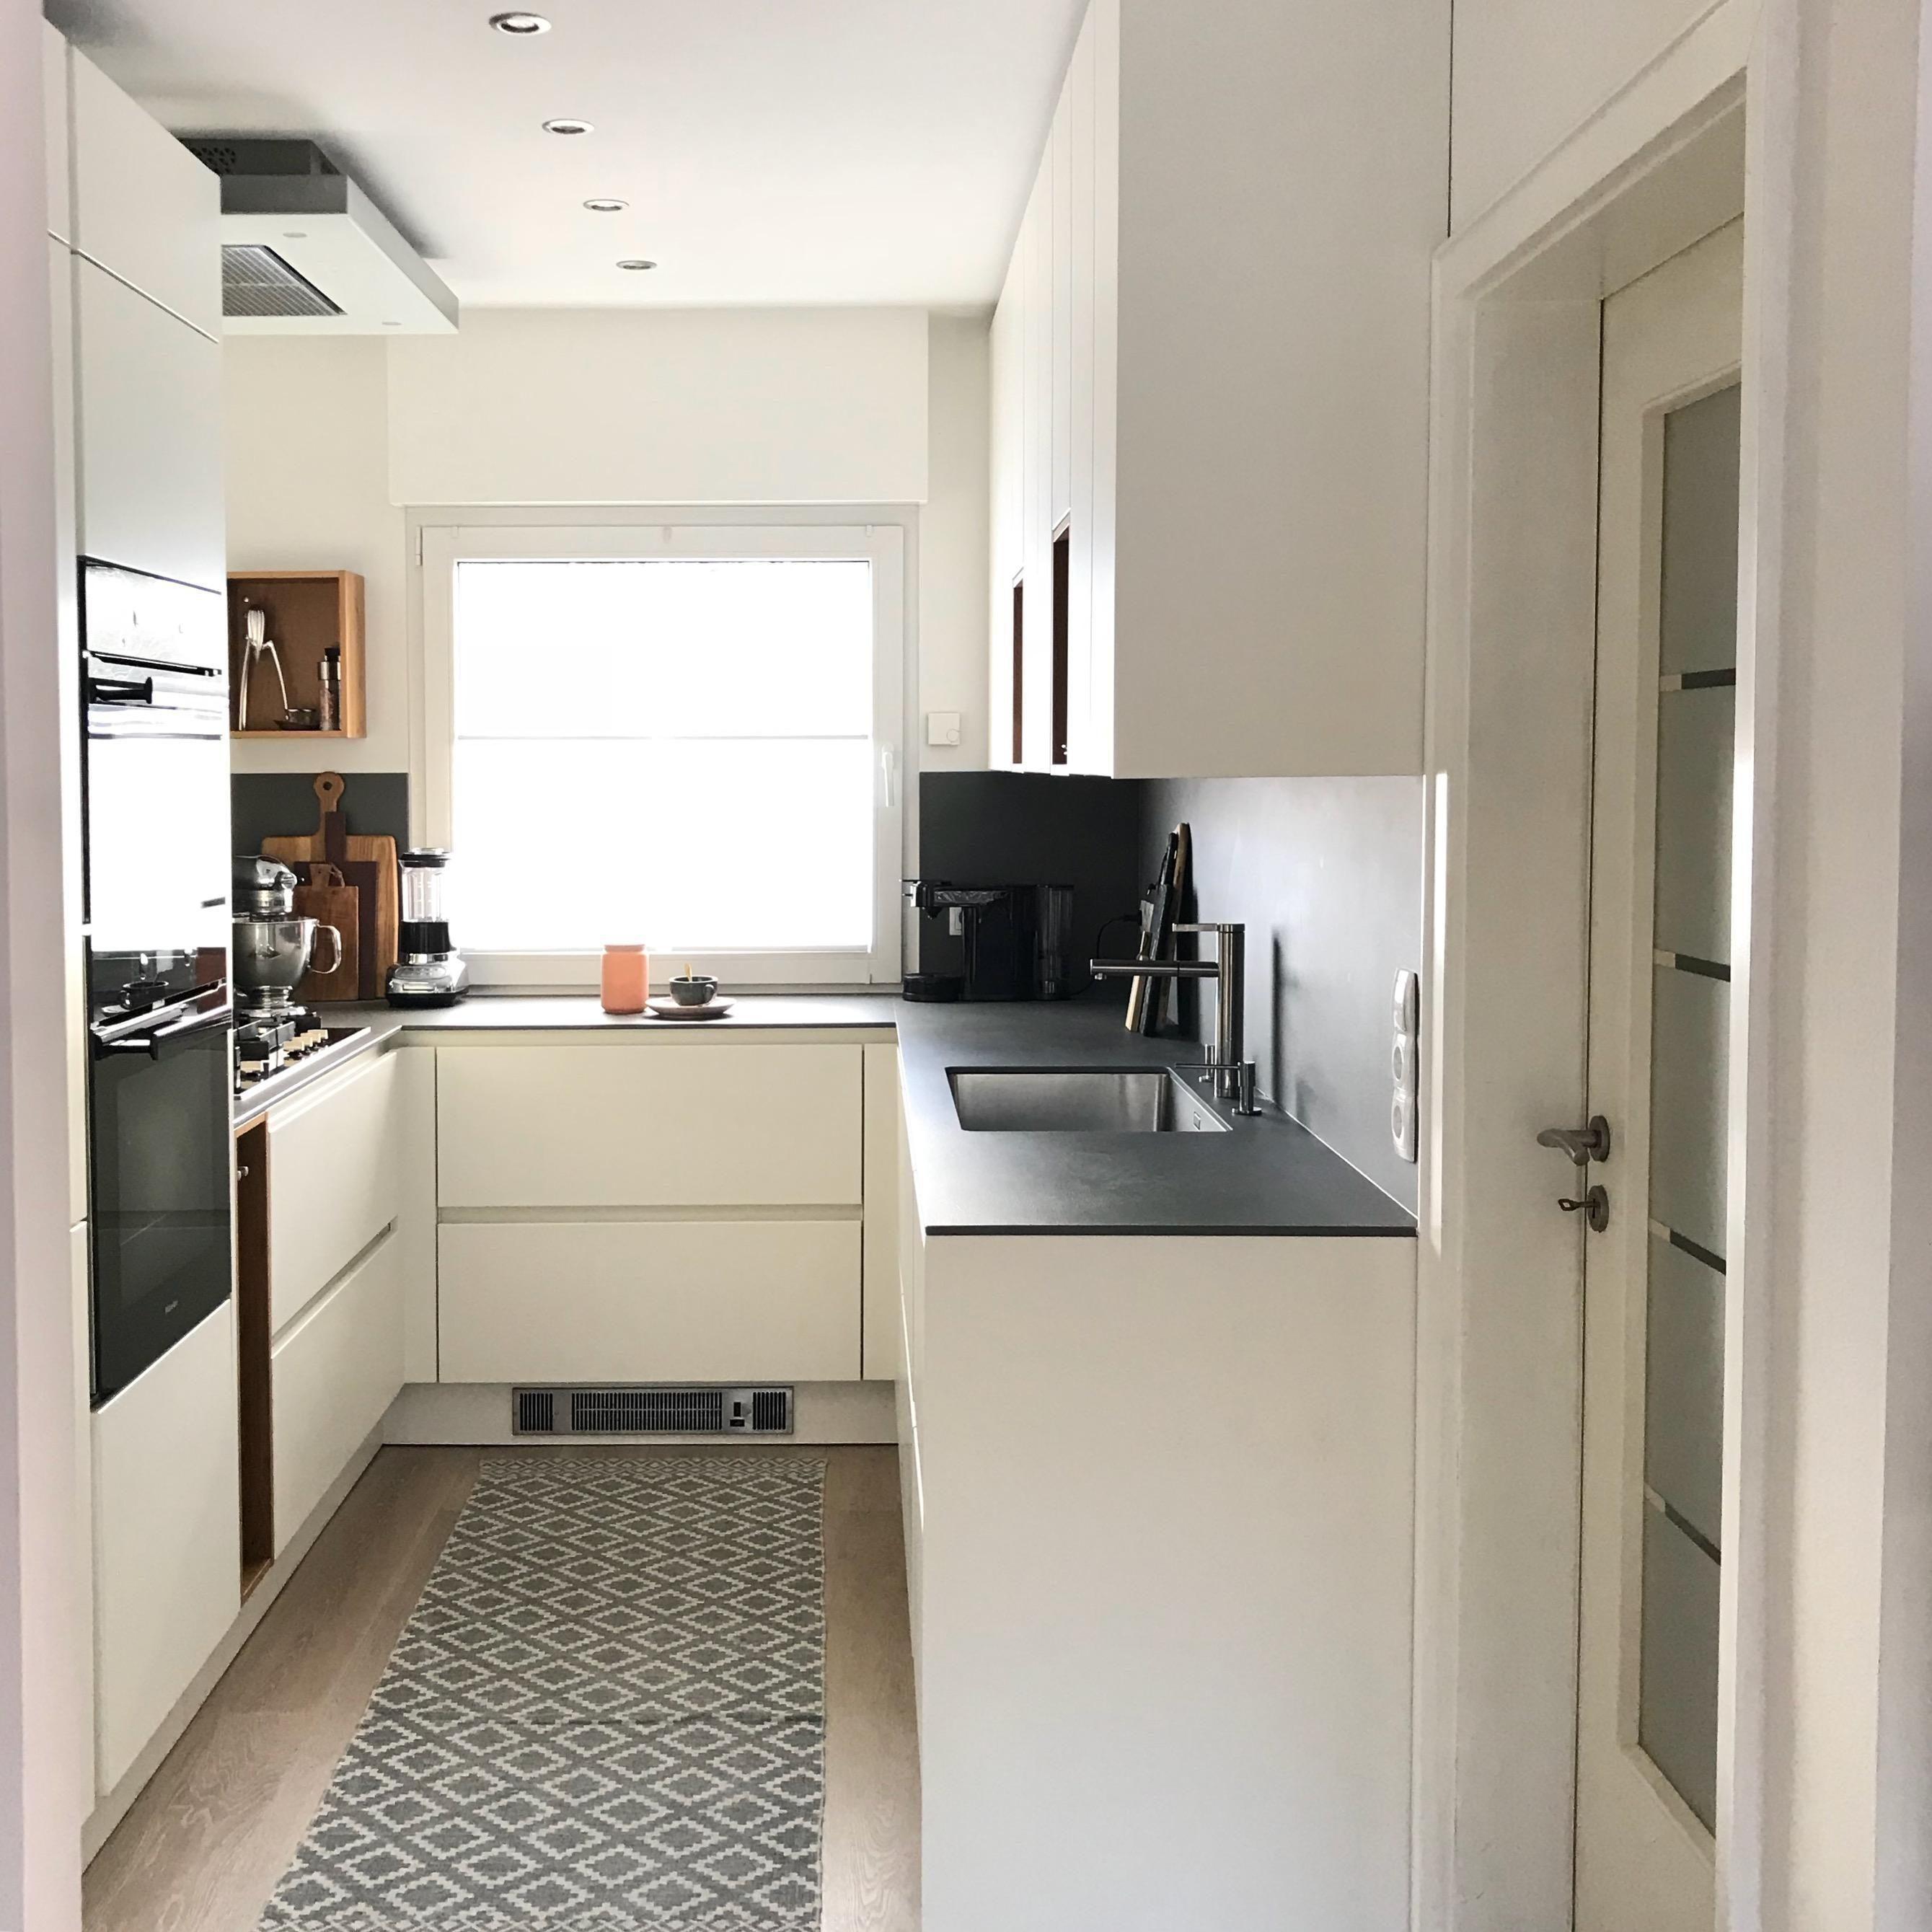 Moderne Küche In U-form - Ideen & Bilder